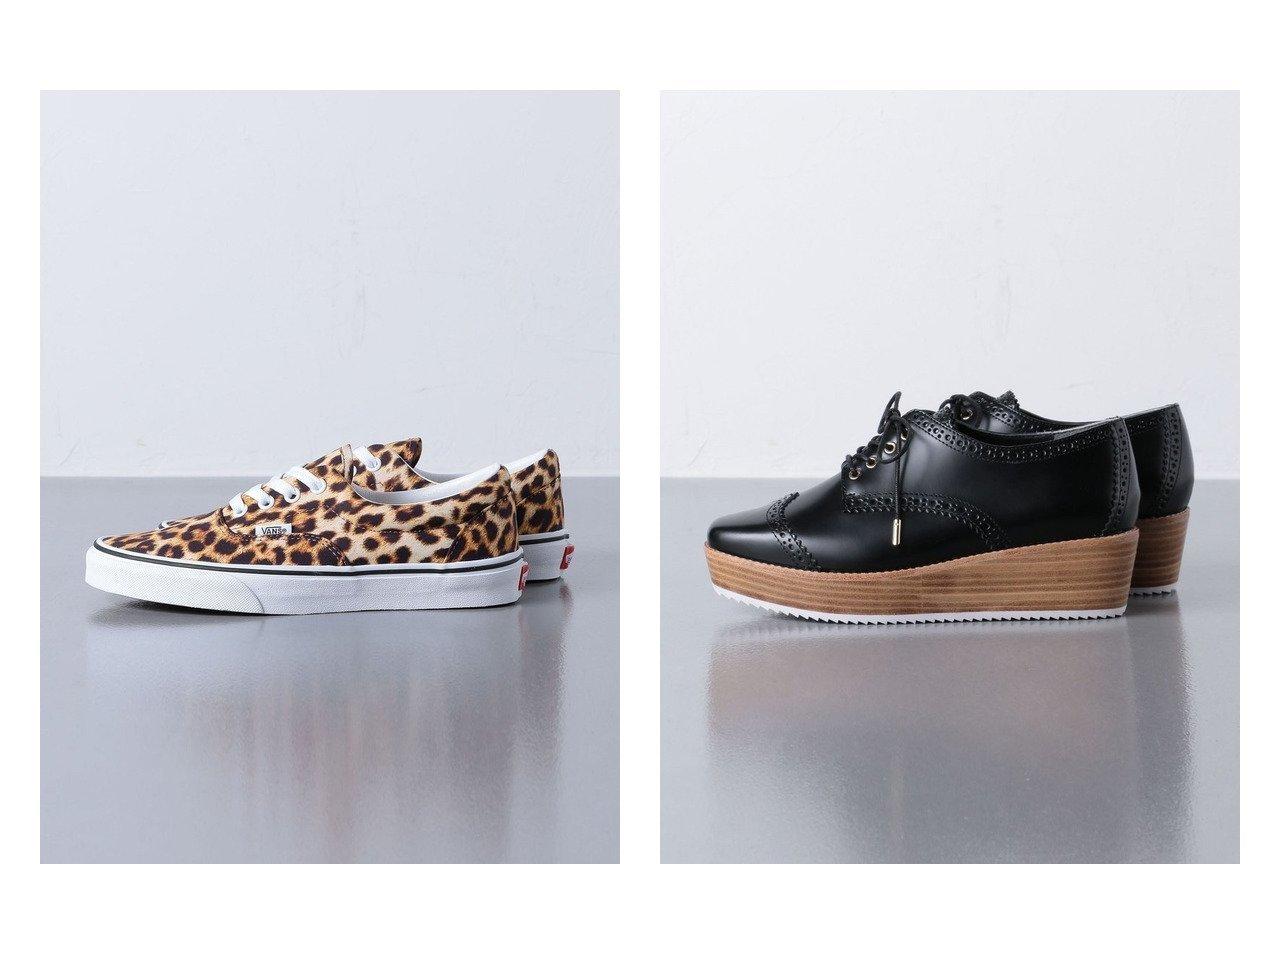 【UNITED ARROWS/ユナイテッドアローズ】のUWMSC レースアップ プラットフォーム シューズ&ERA レオパード スニーカー シューズ・靴のおすすめ!人気、トレンド・レディースファッションの通販 おすすめで人気の流行・トレンド、ファッションの通販商品 メンズファッション・キッズファッション・インテリア・家具・レディースファッション・服の通販 founy(ファニー) https://founy.com/ ファッション Fashion レディースファッション WOMEN シューズ レース カリフォルニア シンプル スニーカー スポーティ スリッポン レオパード 人気 |ID:crp329100000009788